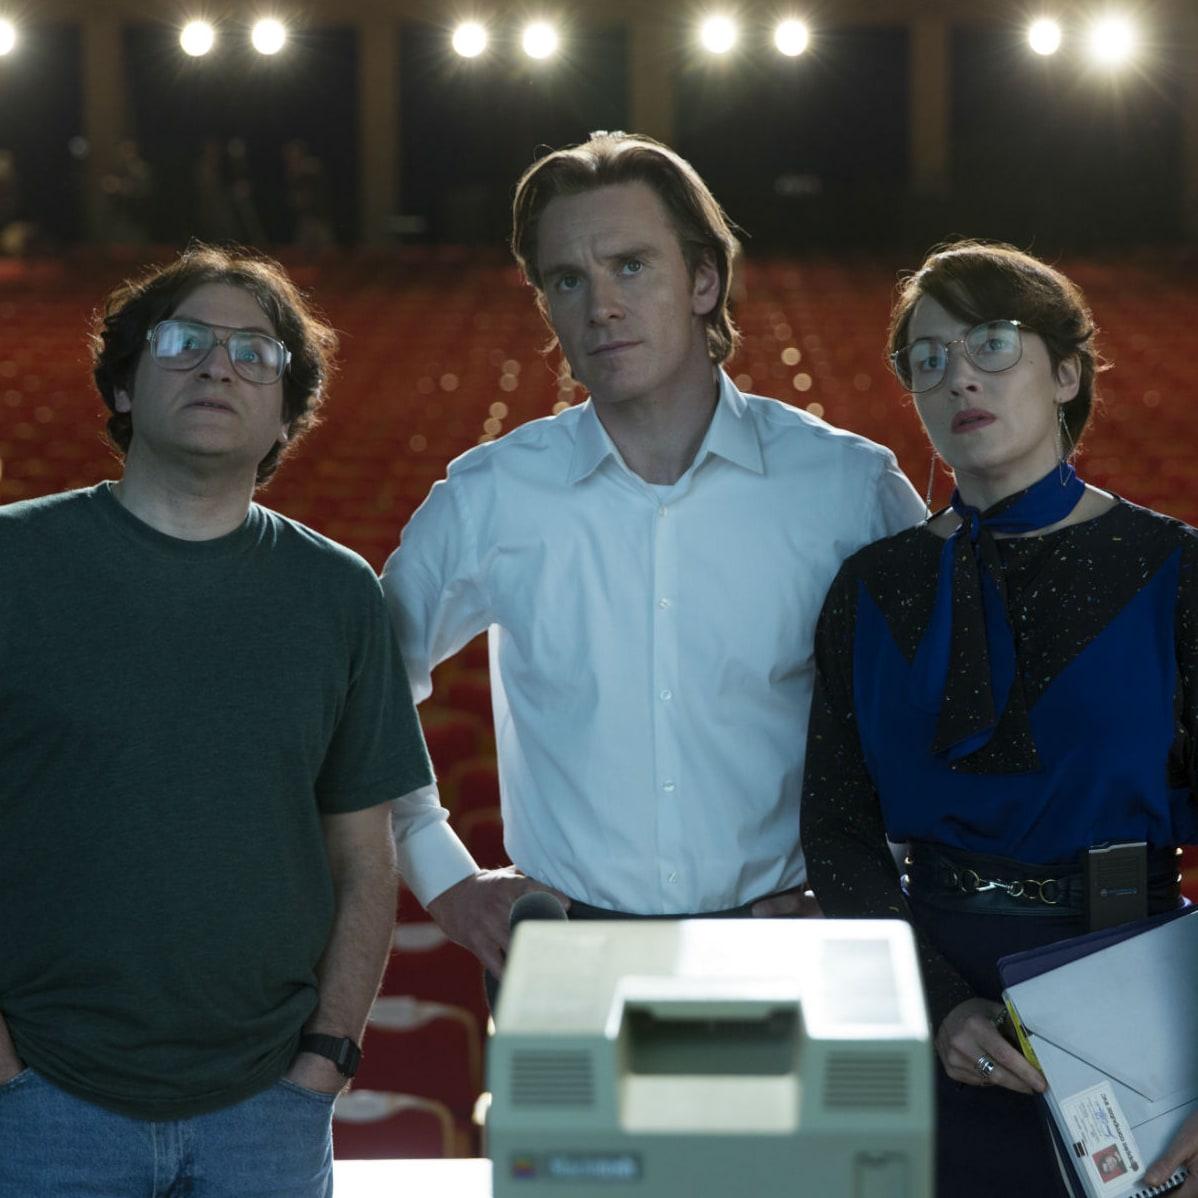 Michael Stuhlbarg, Michael Fassbender, and Kate Winslet in Steve Jobs